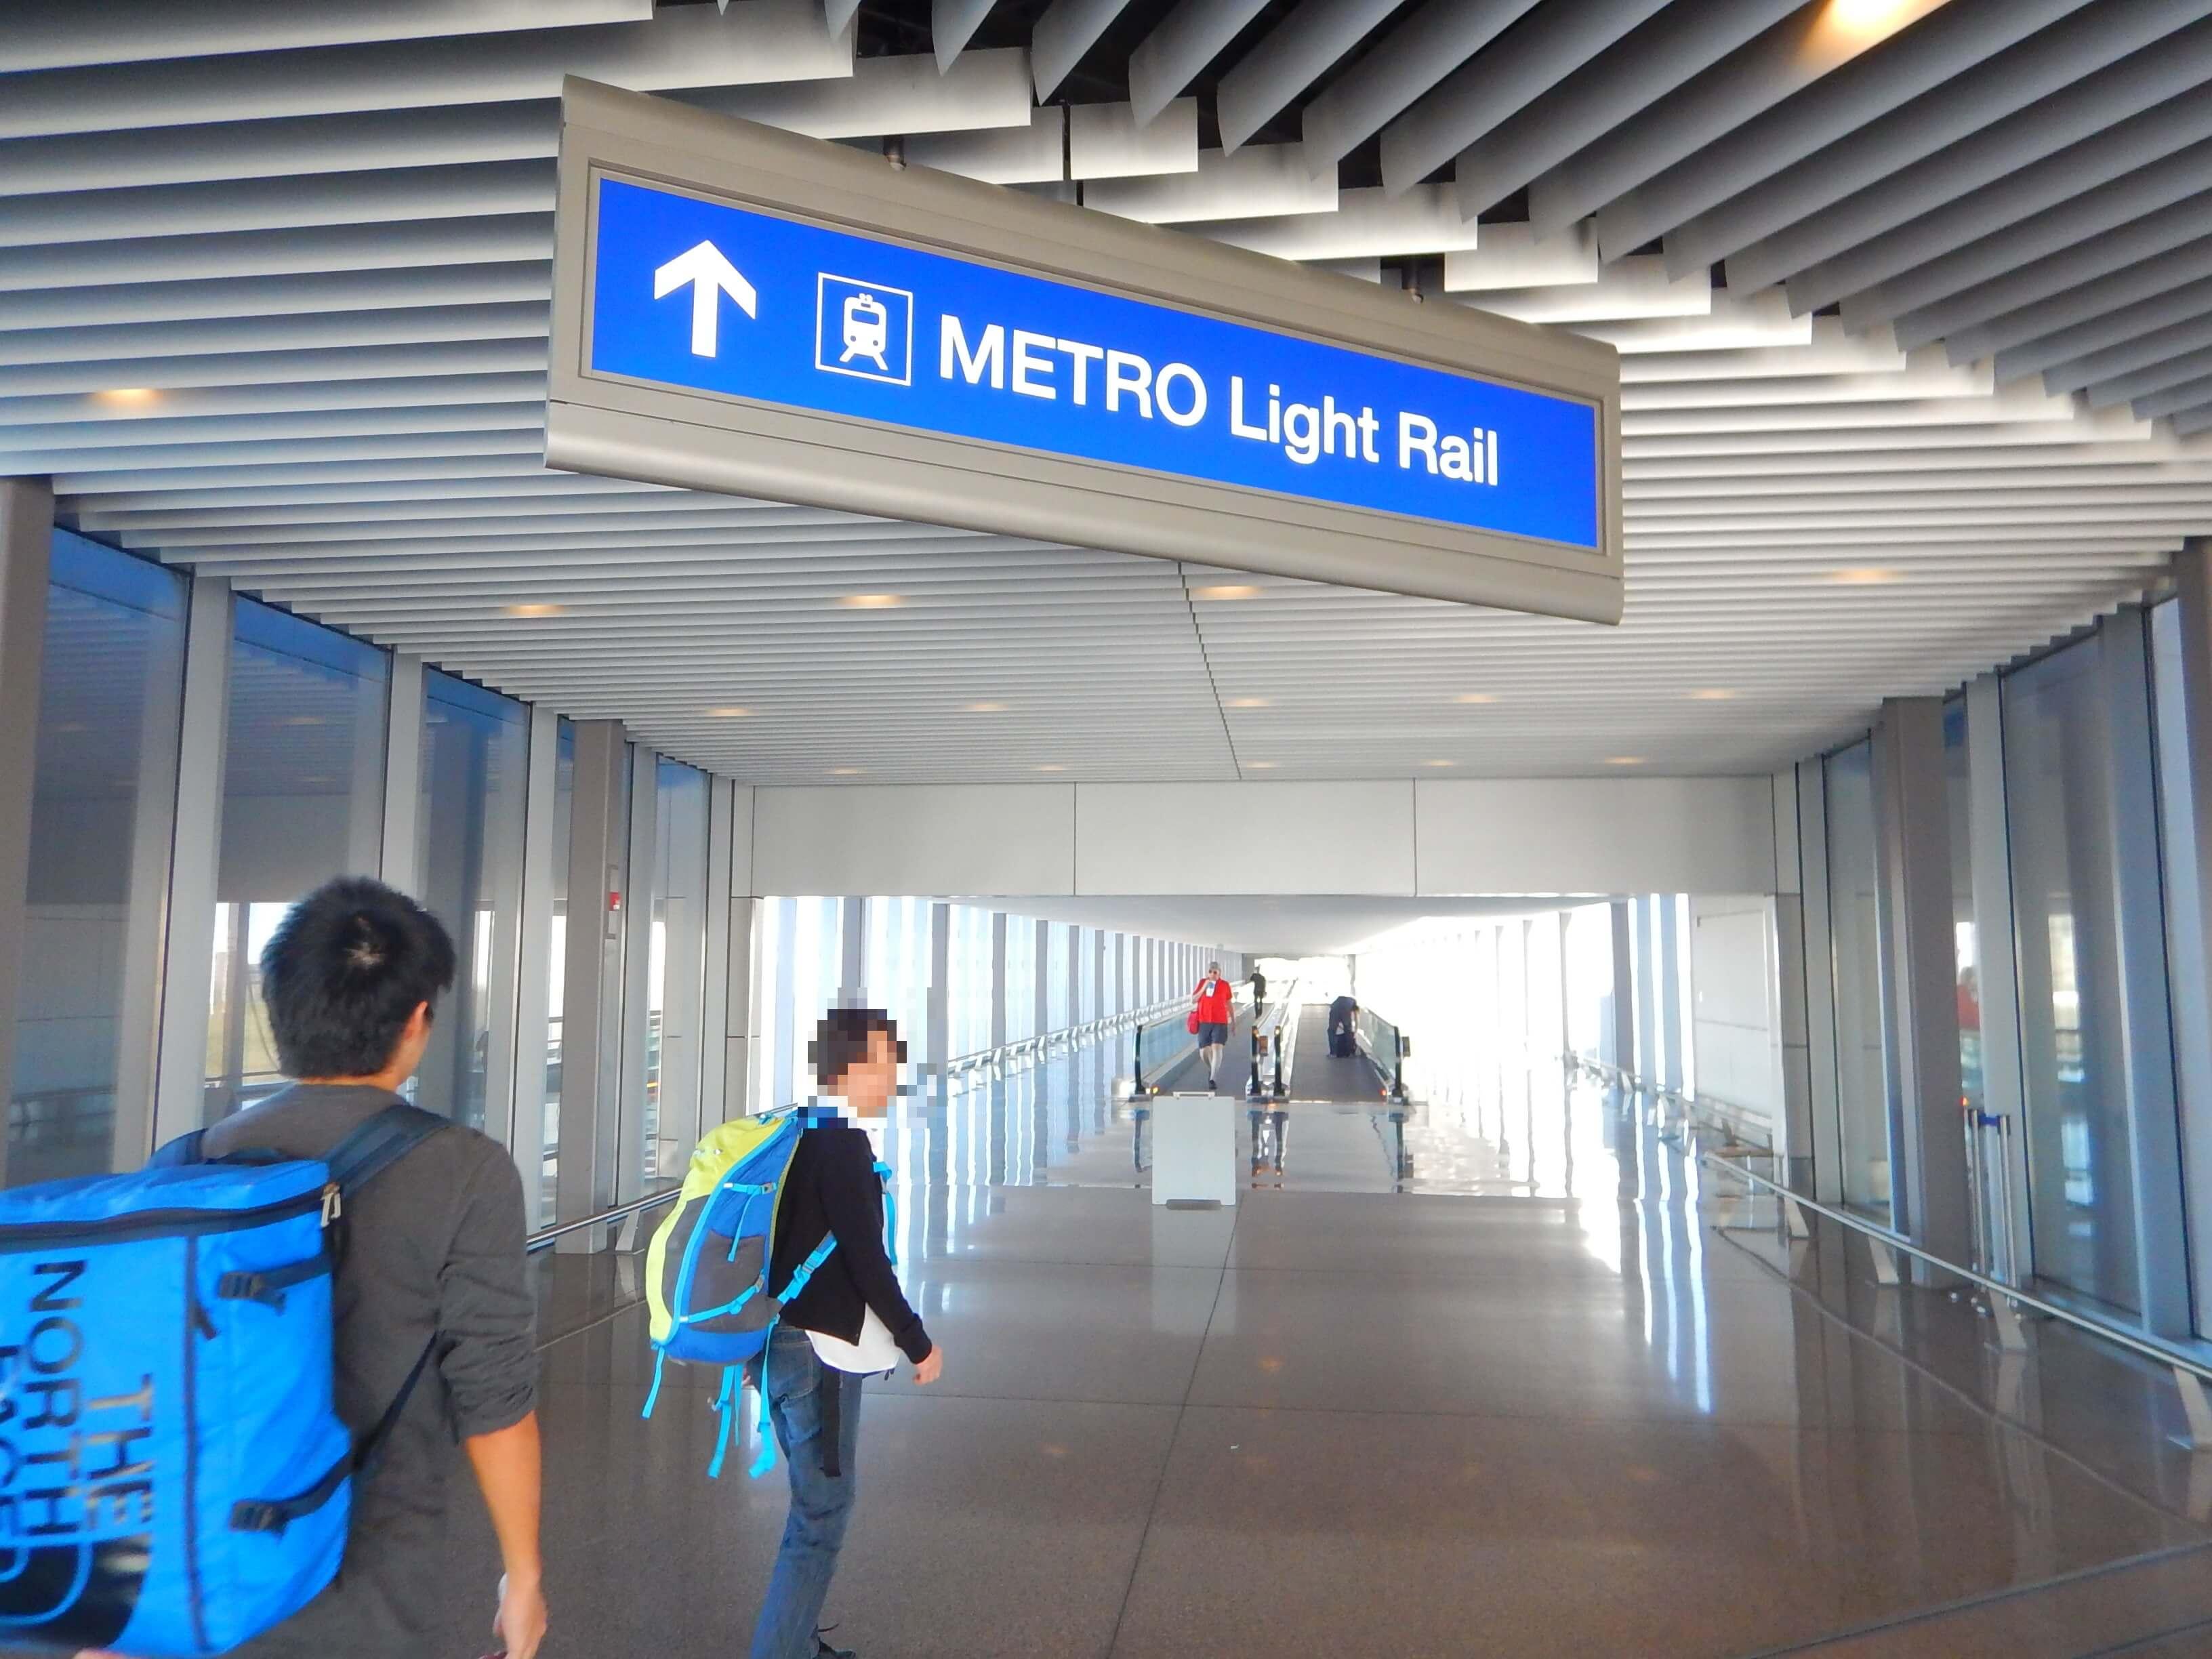 Metro LightRailに乗り換え